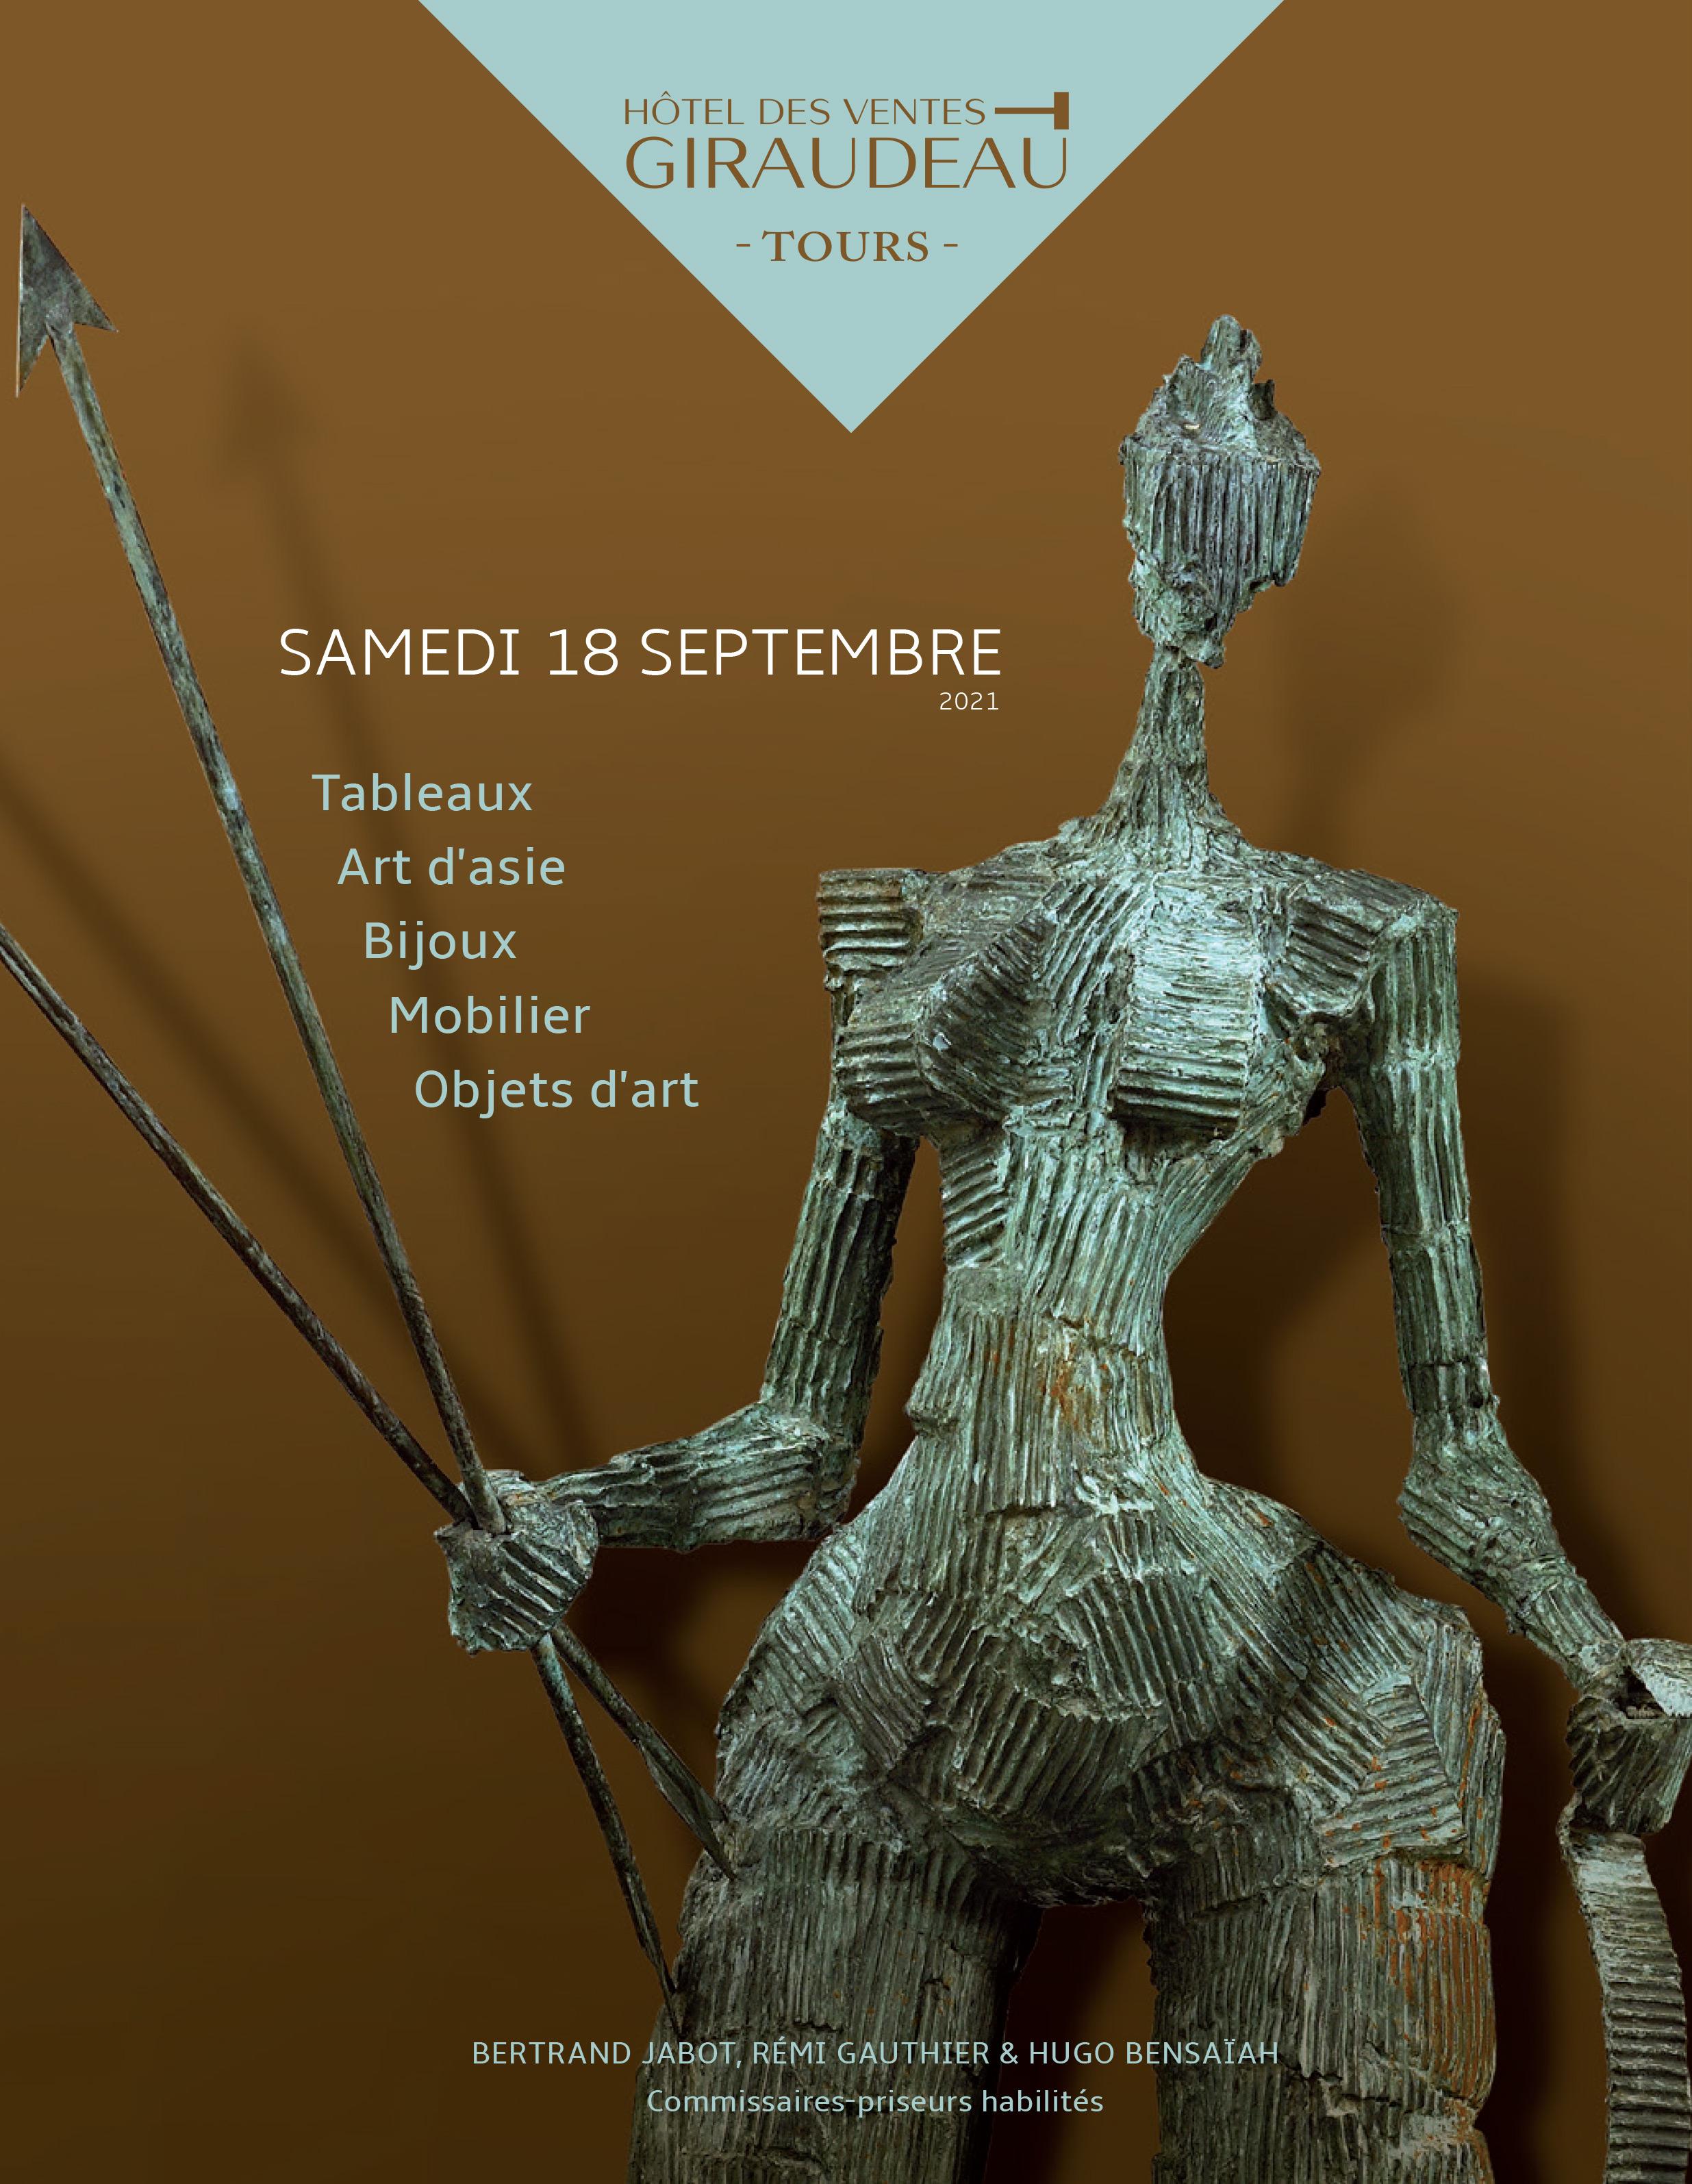 Auction Tableaux, Arts d'Asie, Bijoux, Mobilier, Objets d'Art at Hôtel des Ventes Giraudeau : 340 lots